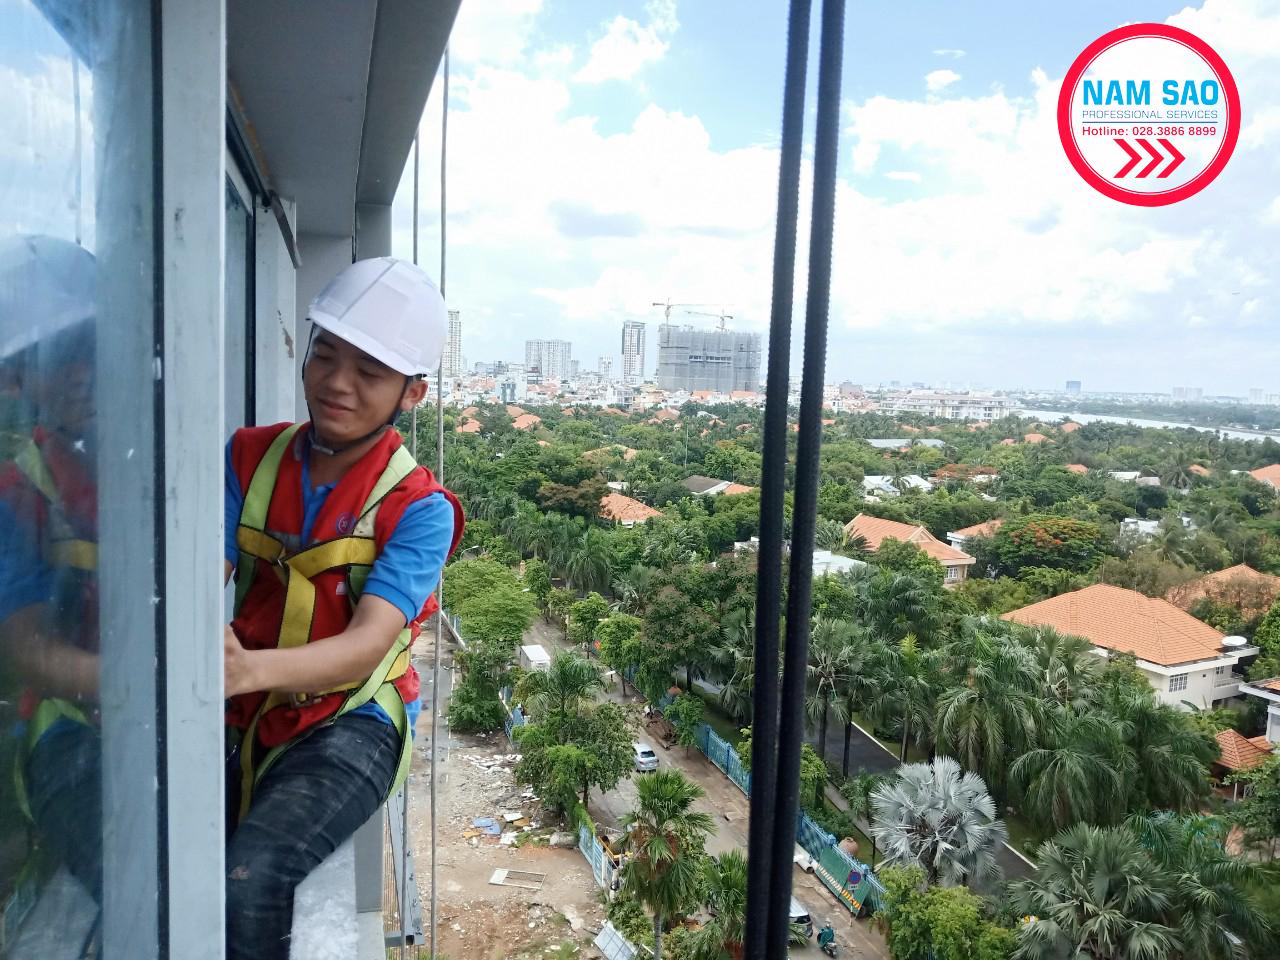 Dịch vụ lau kính nhà cao tầng tại Năm Sao